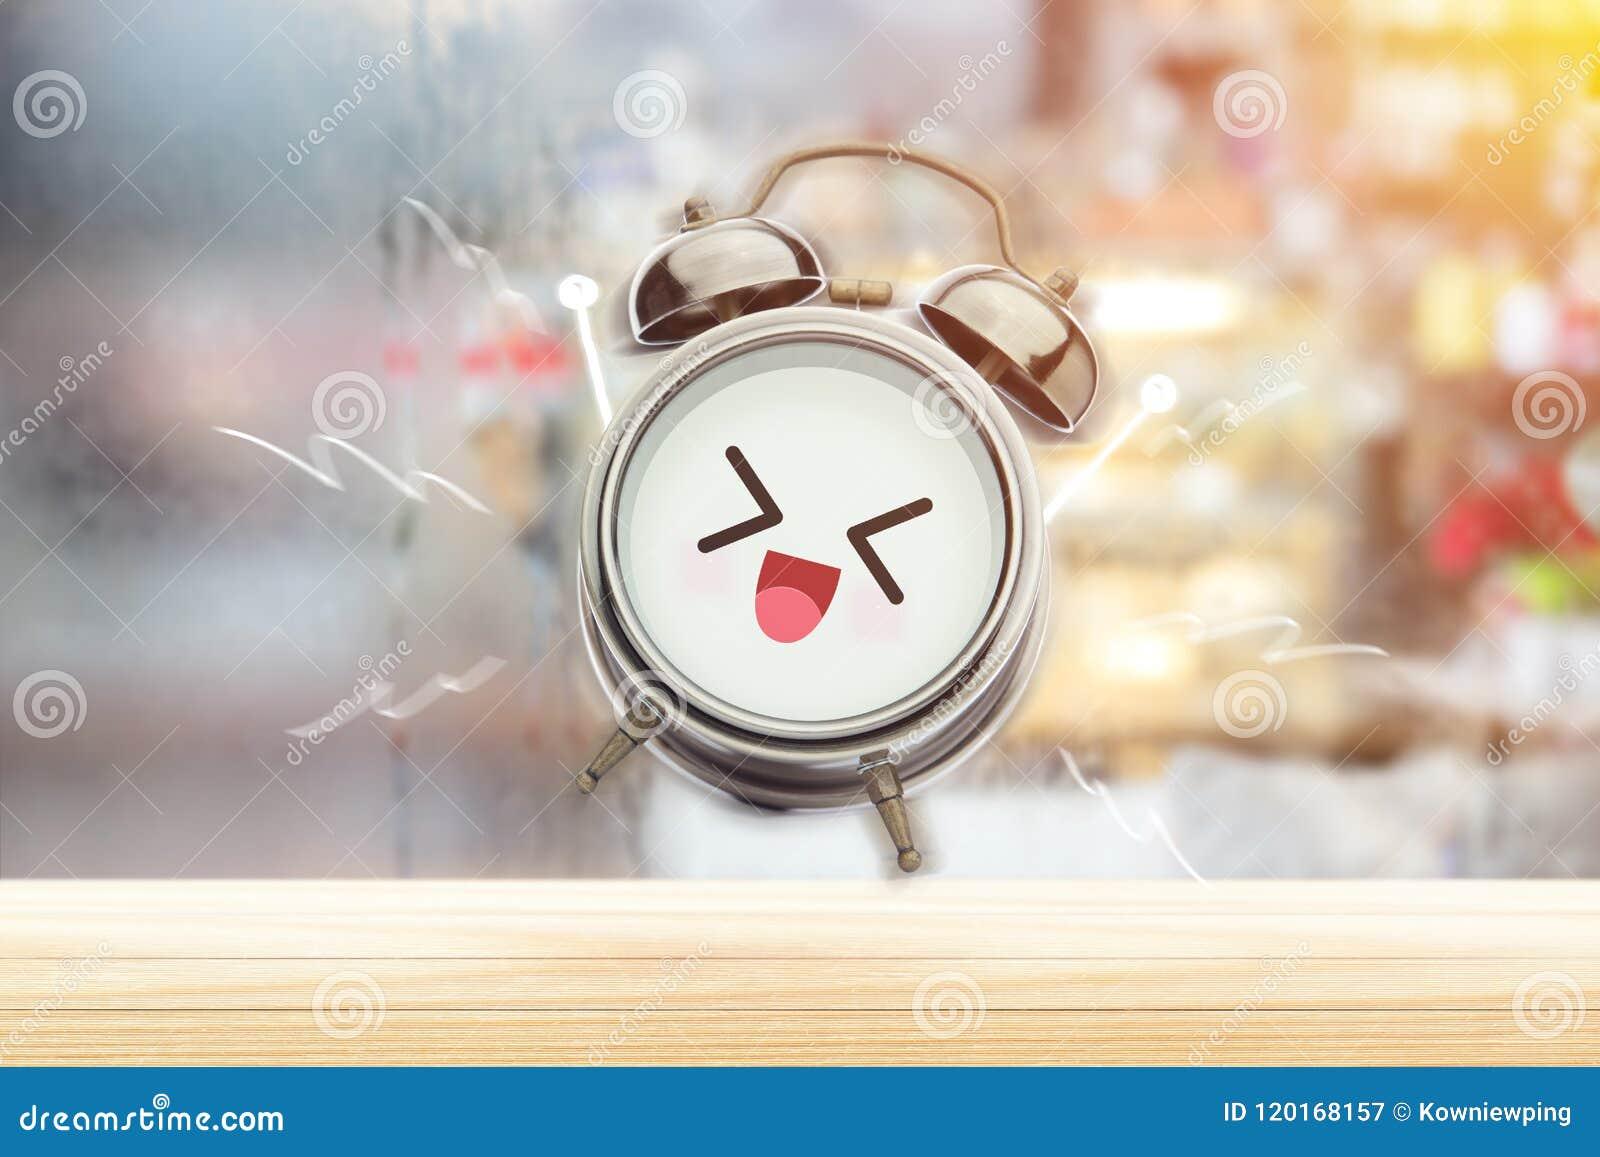 De wekker is gelukkig in de ochtend bij de slaapkamer